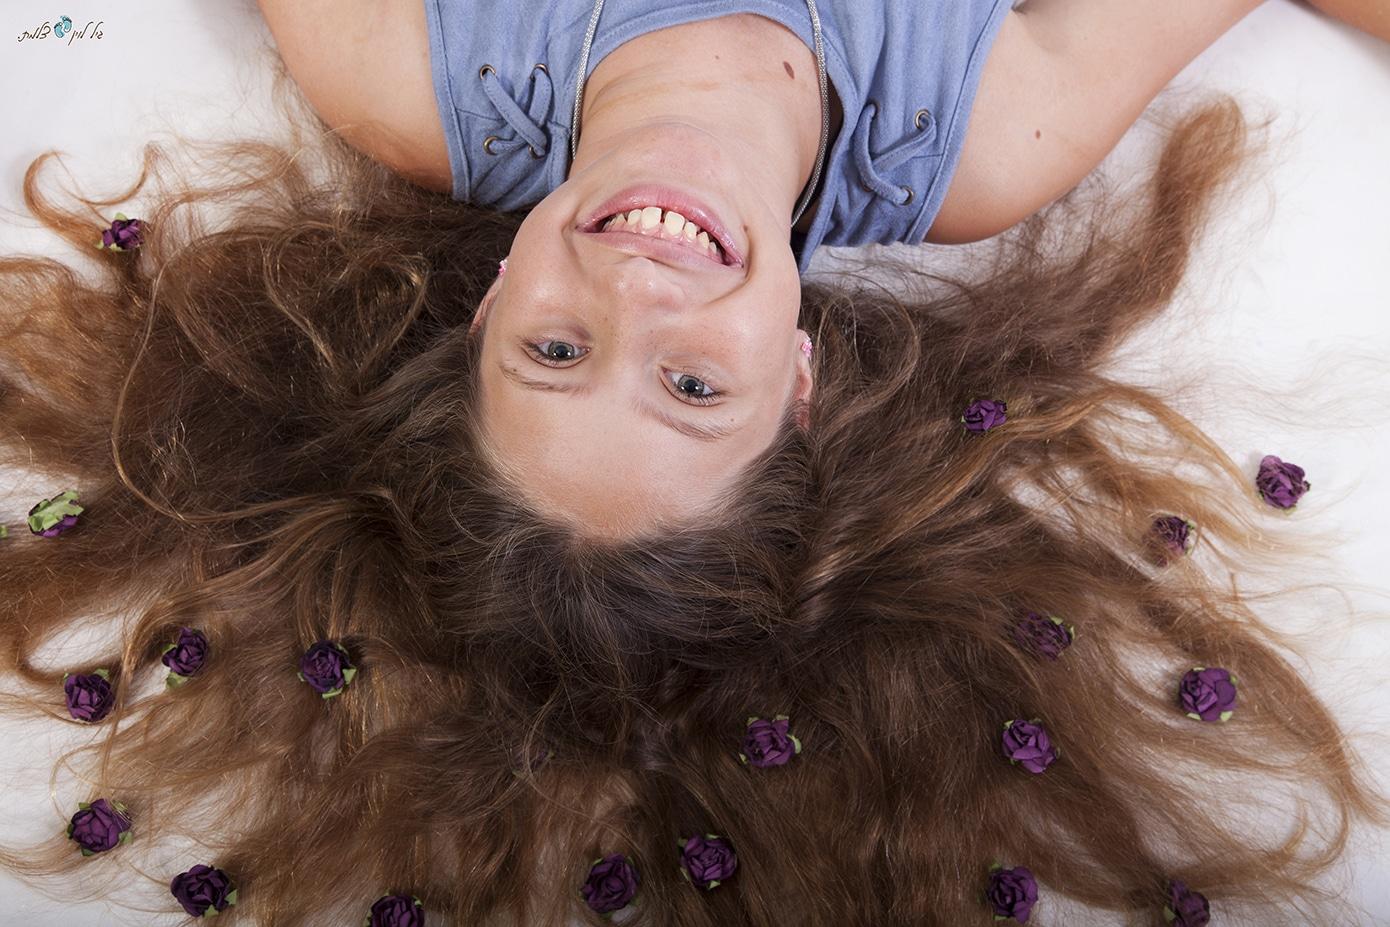 בוק בת מצווה לנועה - סטודיו גיל לוין (14)